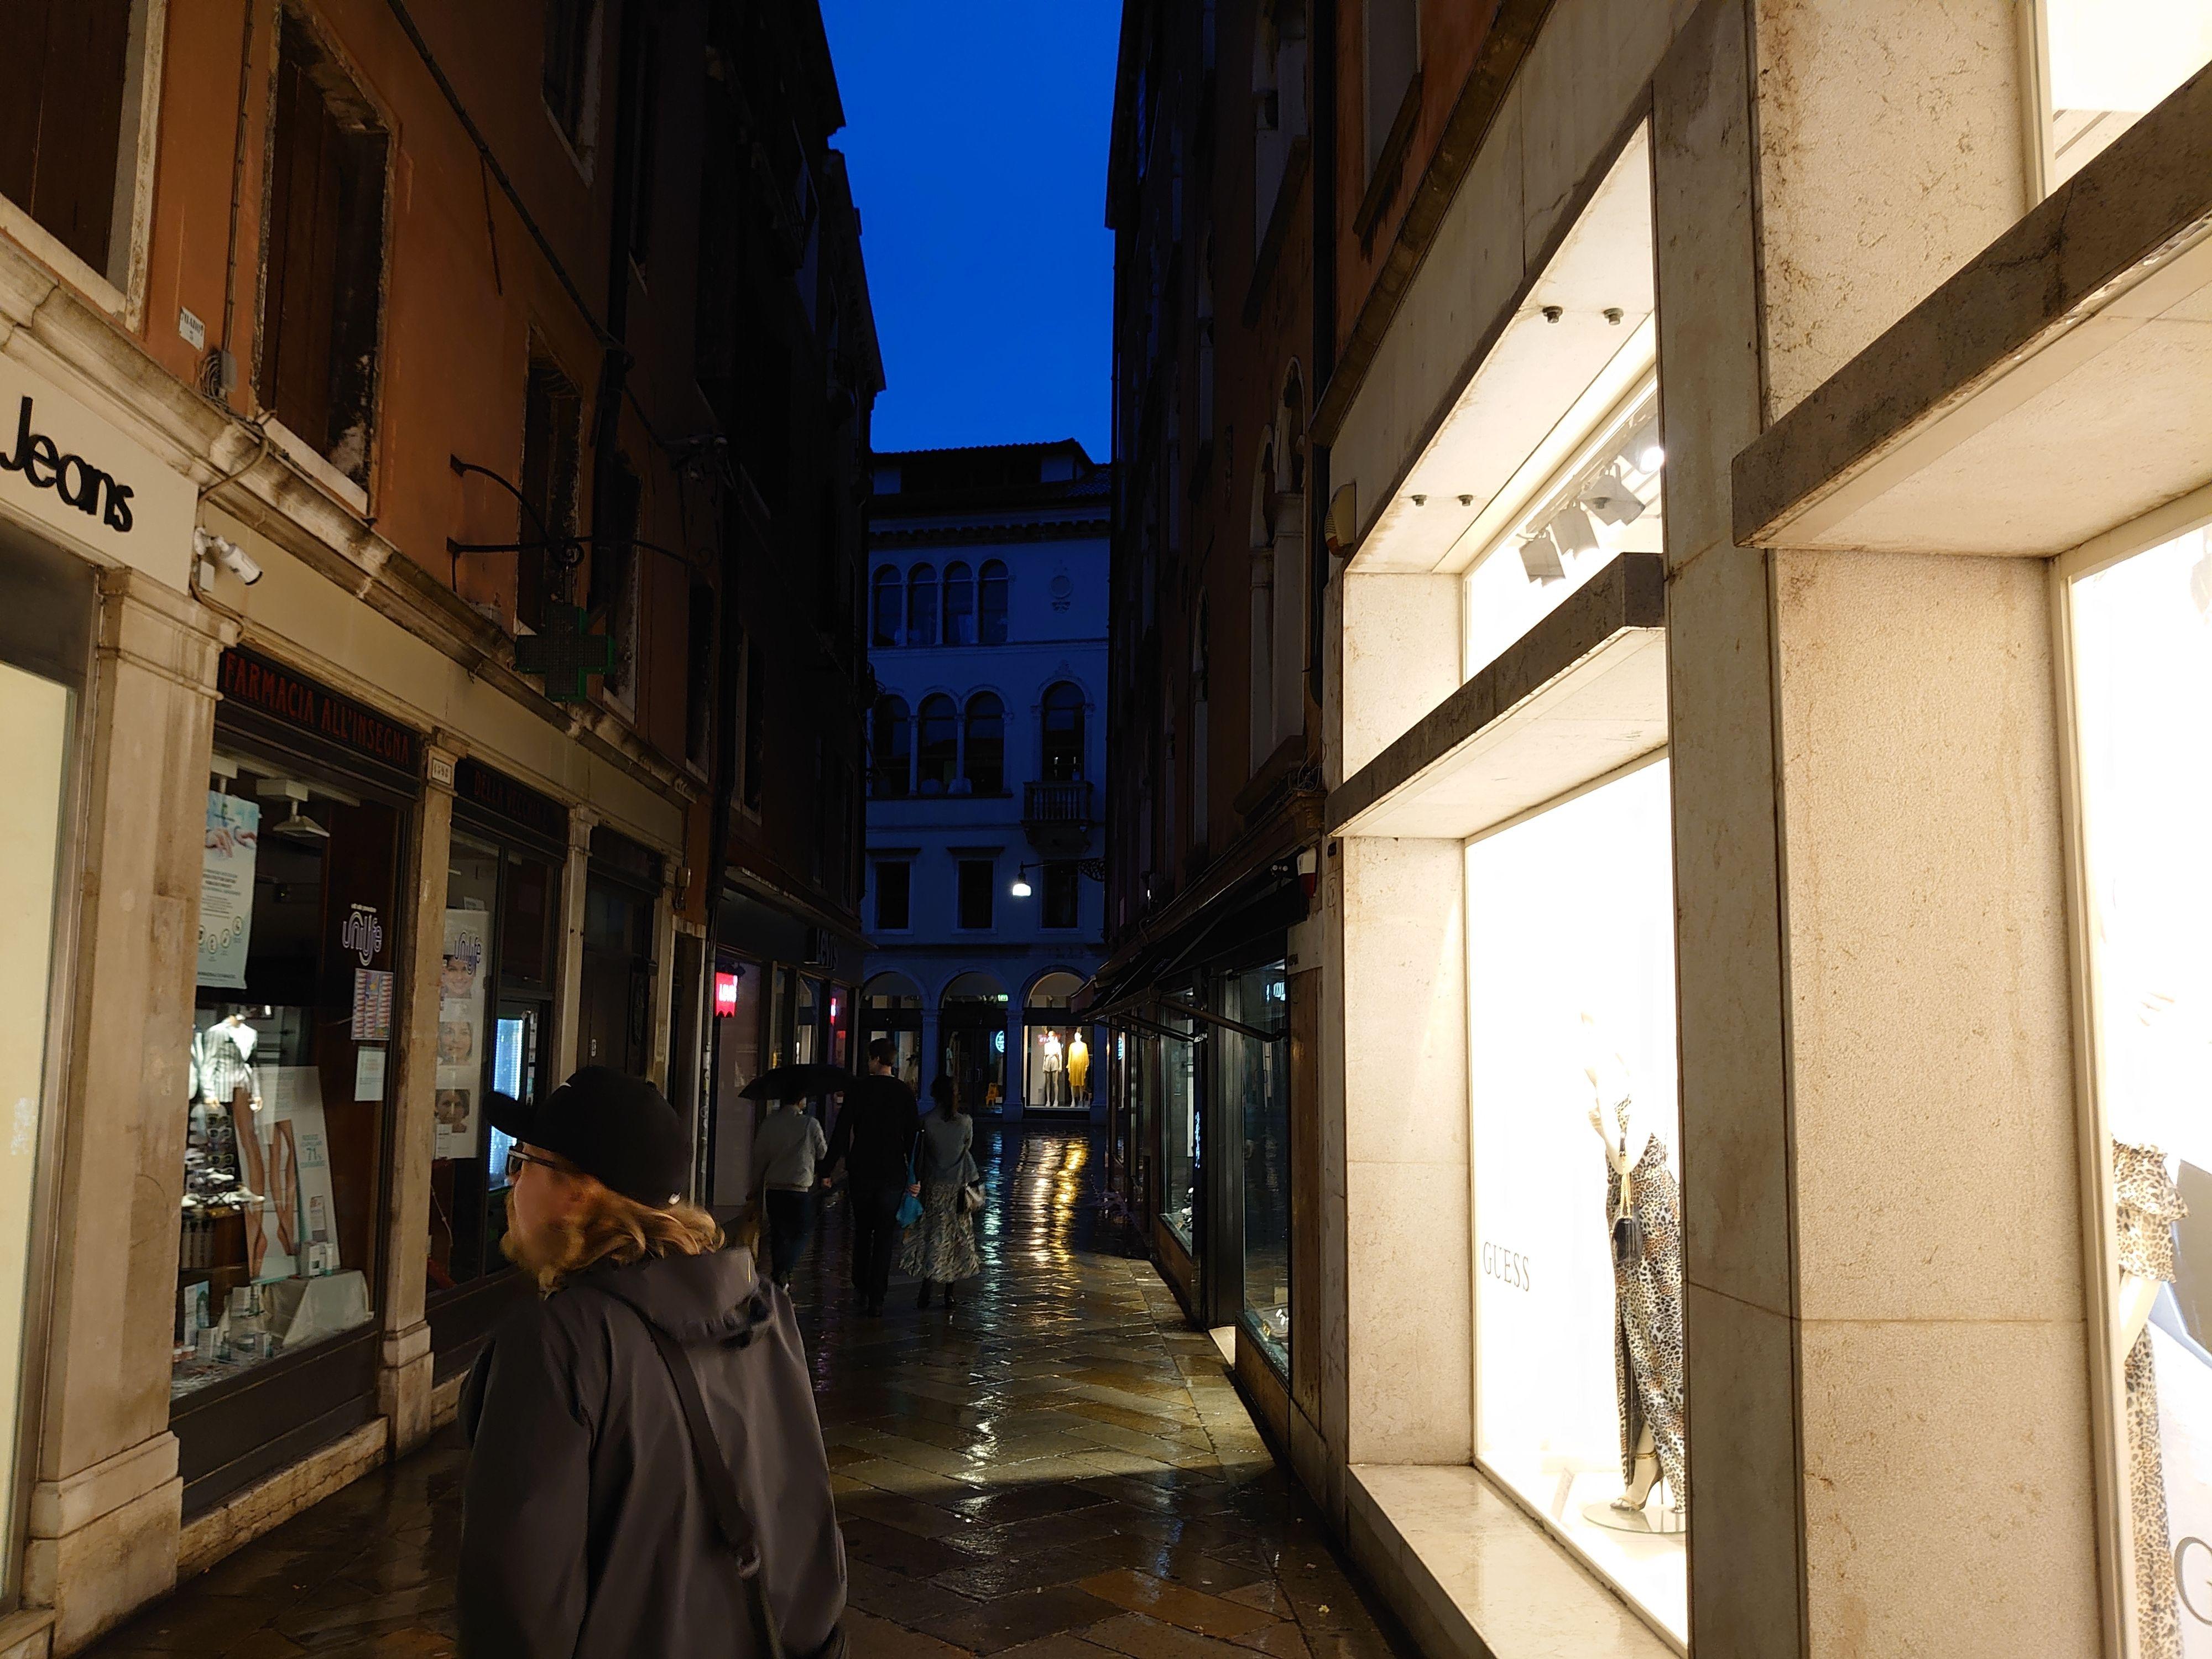 Venezias trange gater er et perfekt sted å prøve ut nye kameramobiler - selv om det primært blir jordtoner på fargefronten.